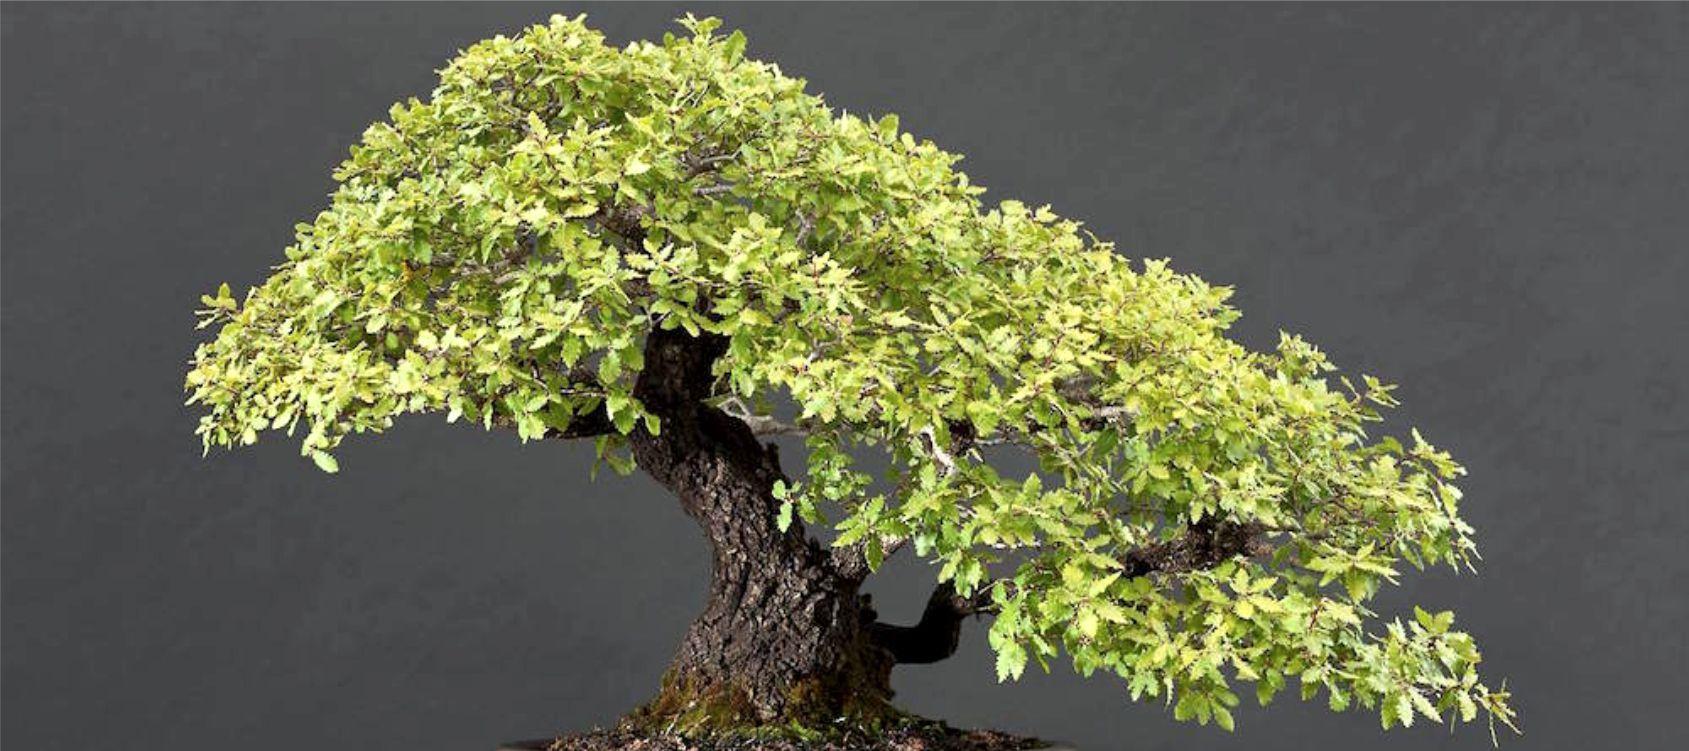 Periodo Migliore Per Potare Quercia quercia o quercus bonsai - consigli utili sulla coltivazione